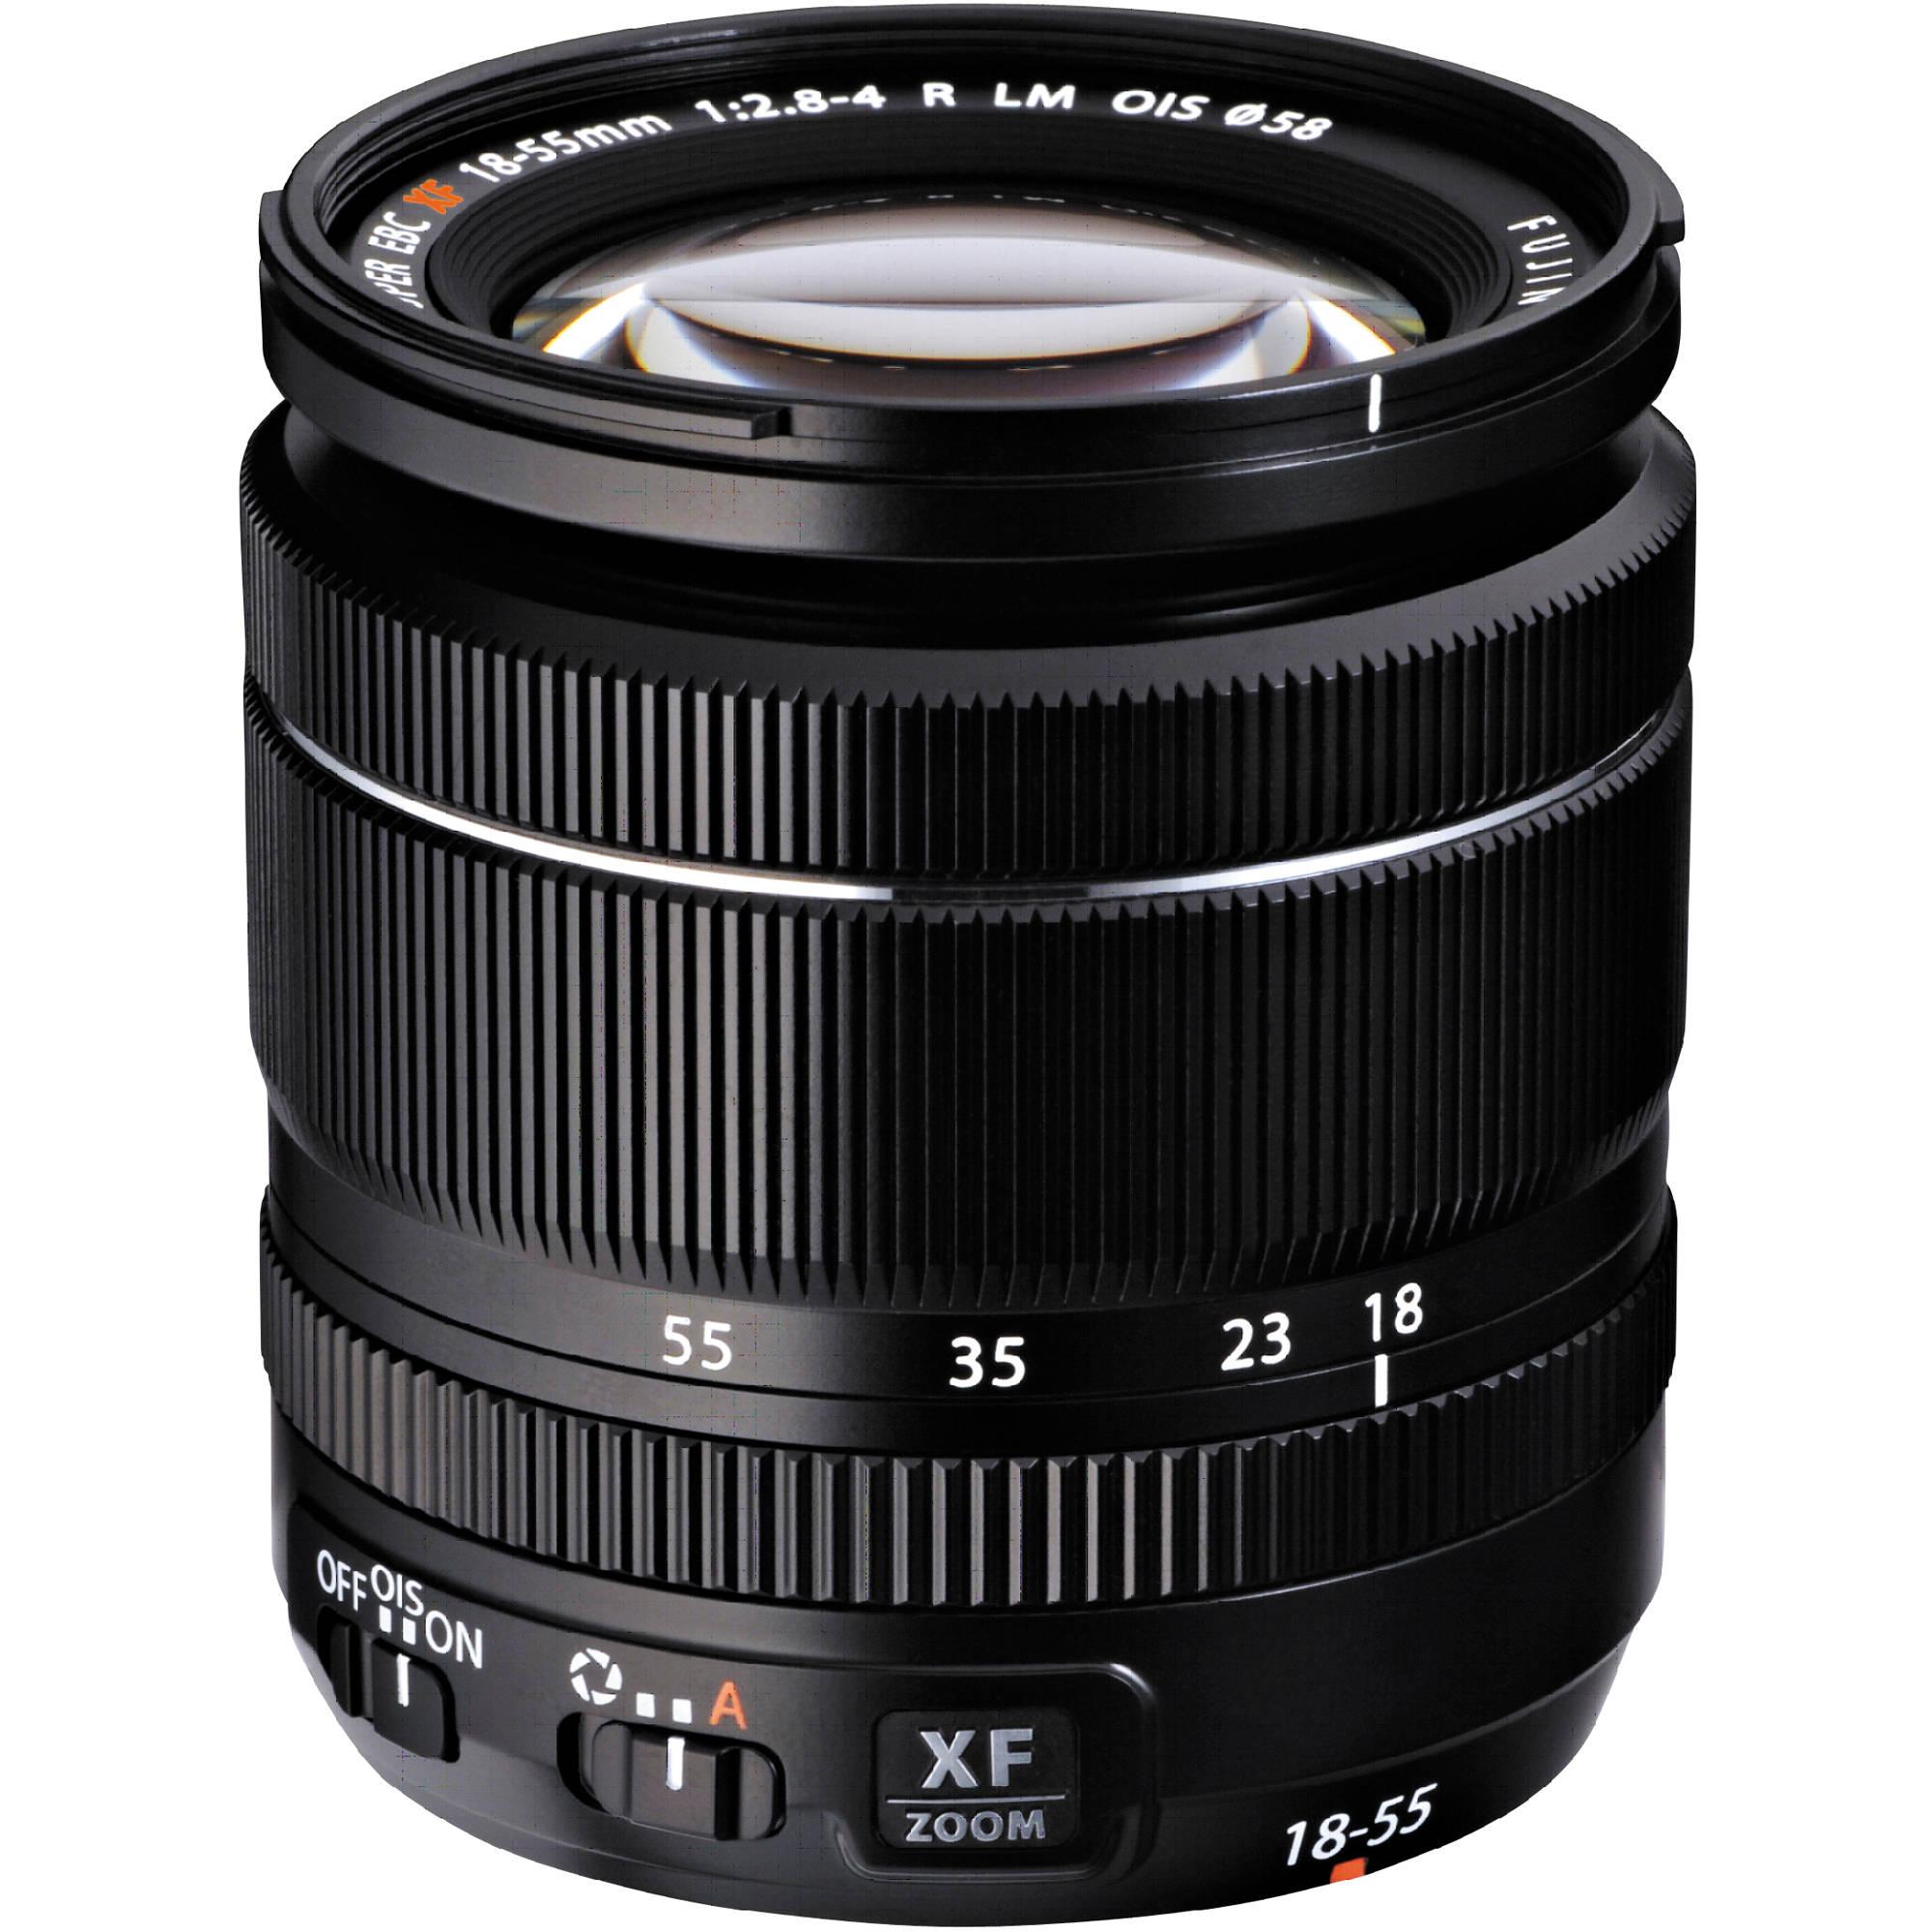 Fujifilm XF 18-55mm f/2.8-4 R LM OIS- Bulk